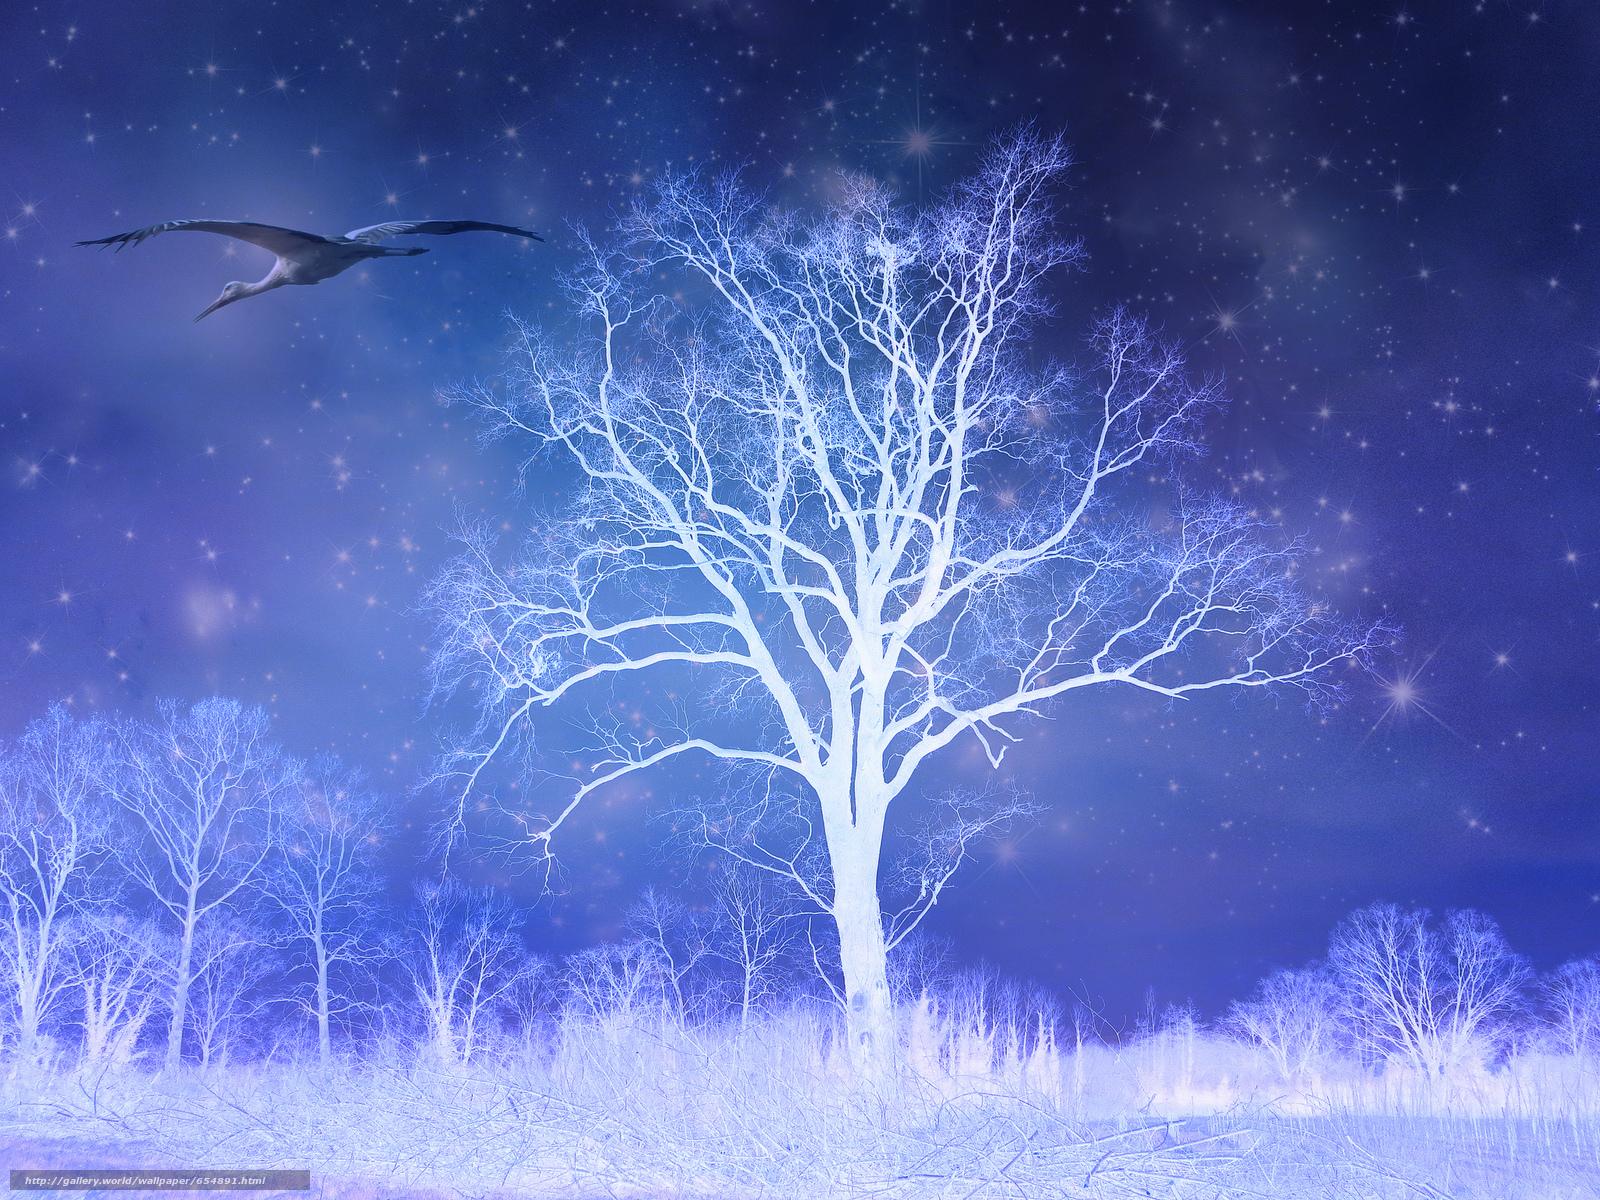 Скачать обои ночь,  сияние,  деревья,  аист бесплатно для рабочего стола в разрешении 2048x1536 — картинка №654891